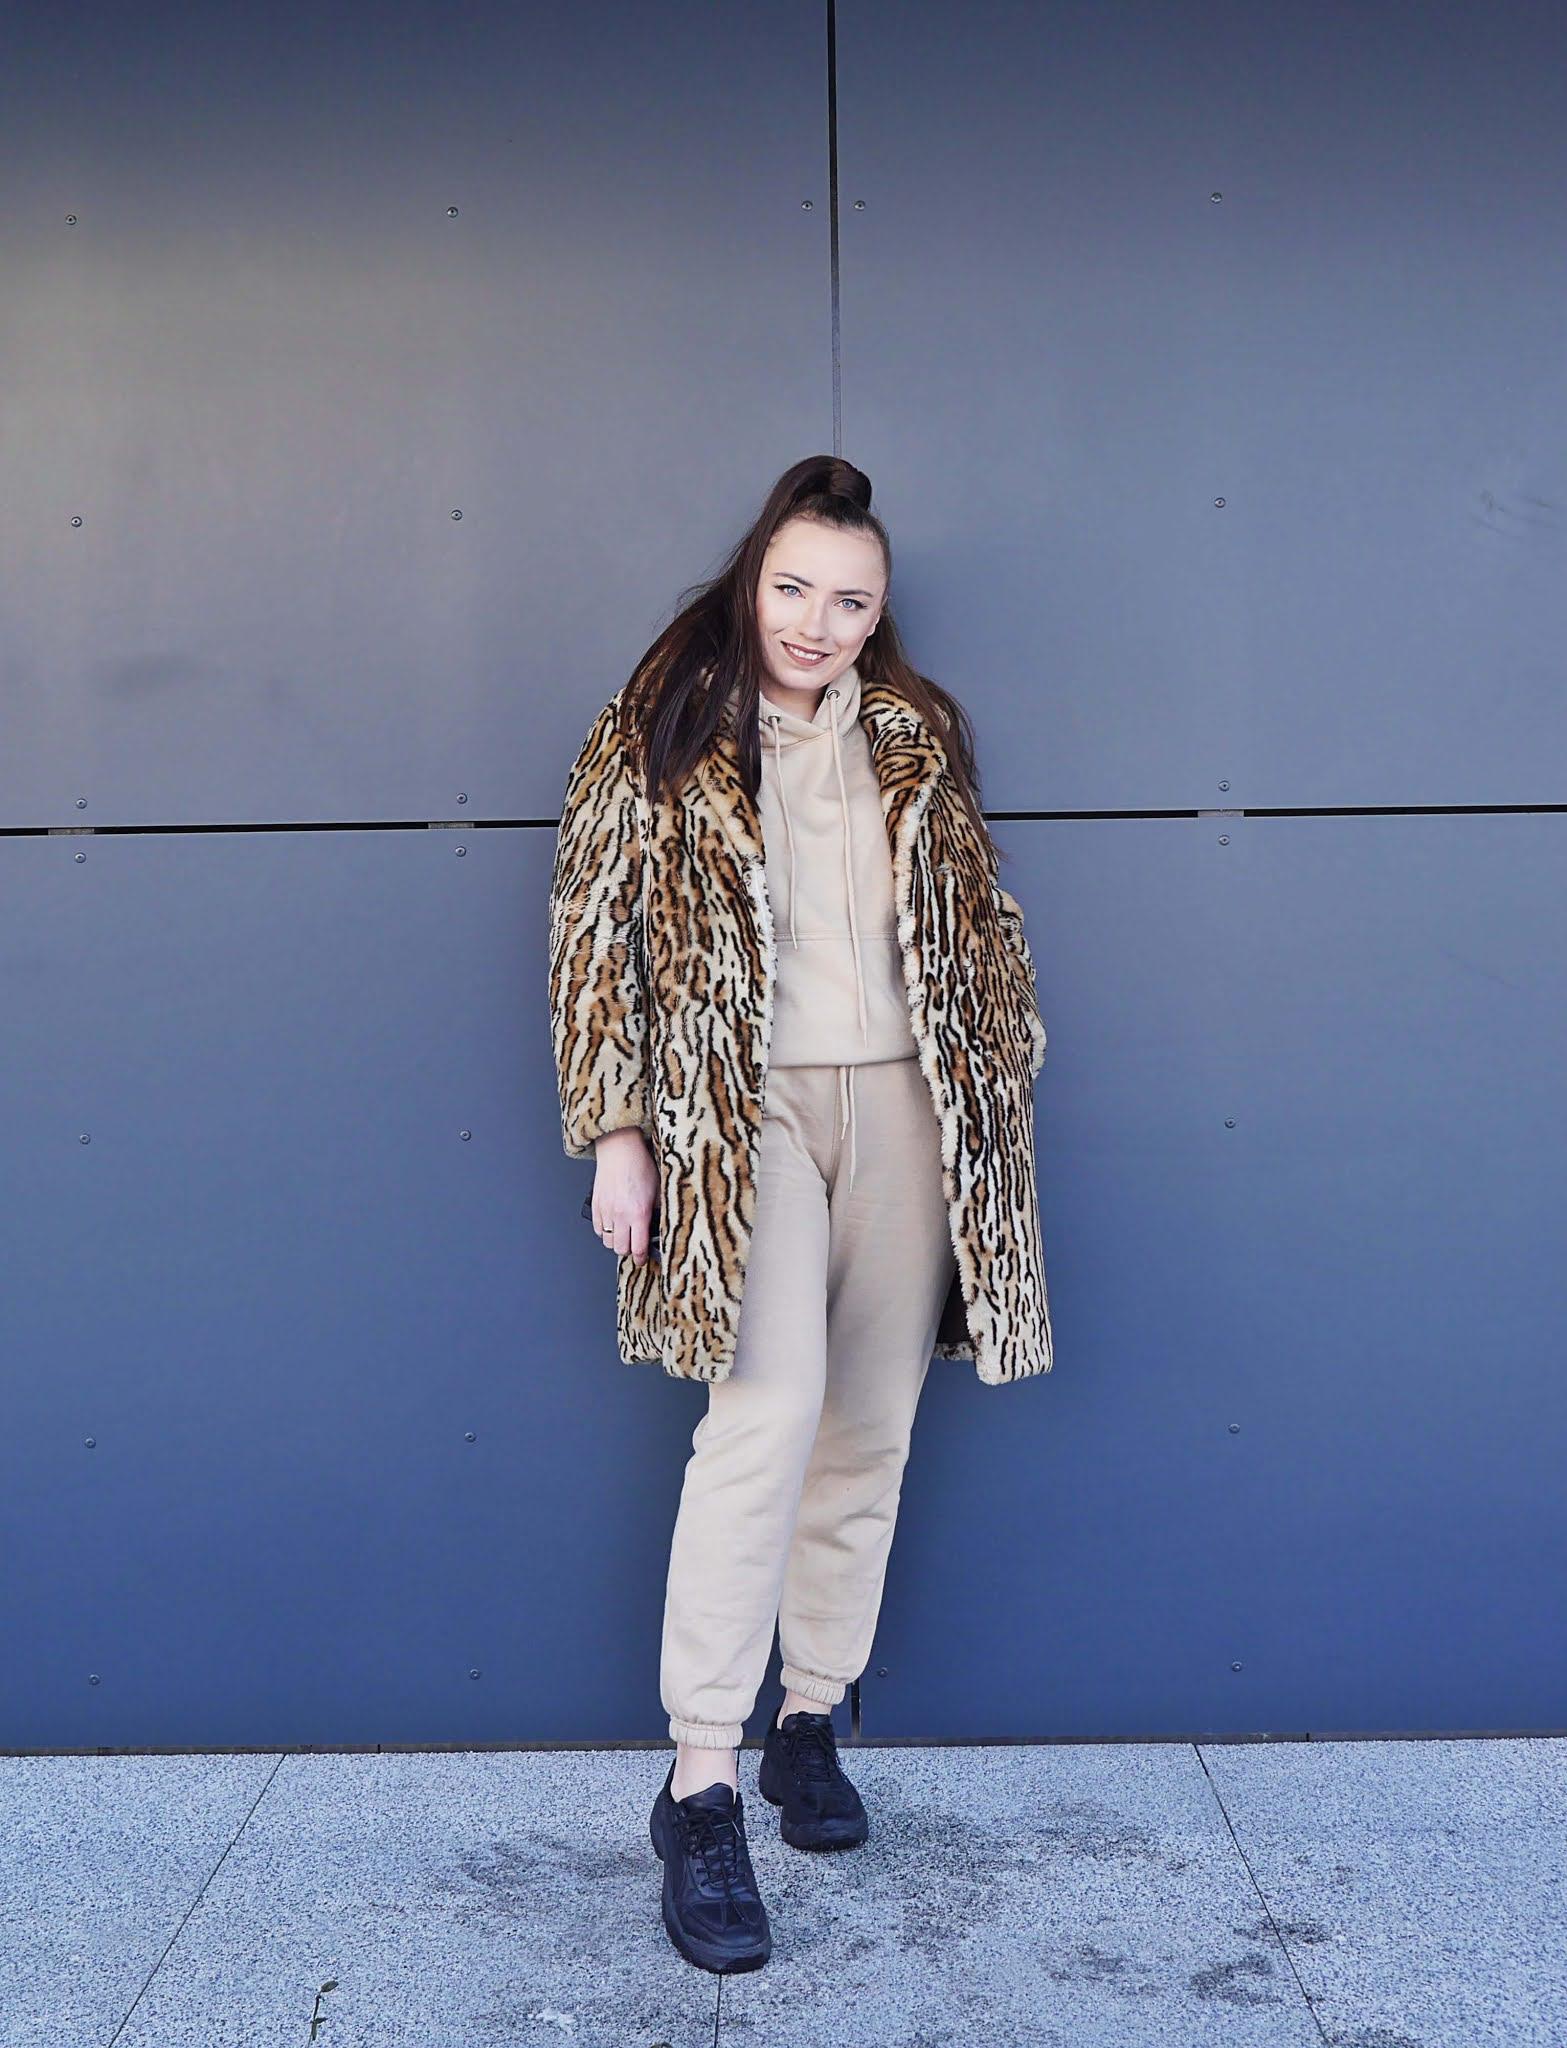 fashion blogger karyn beige set pants hoodie black sneakers cateyes sunglasses outfit look ootd